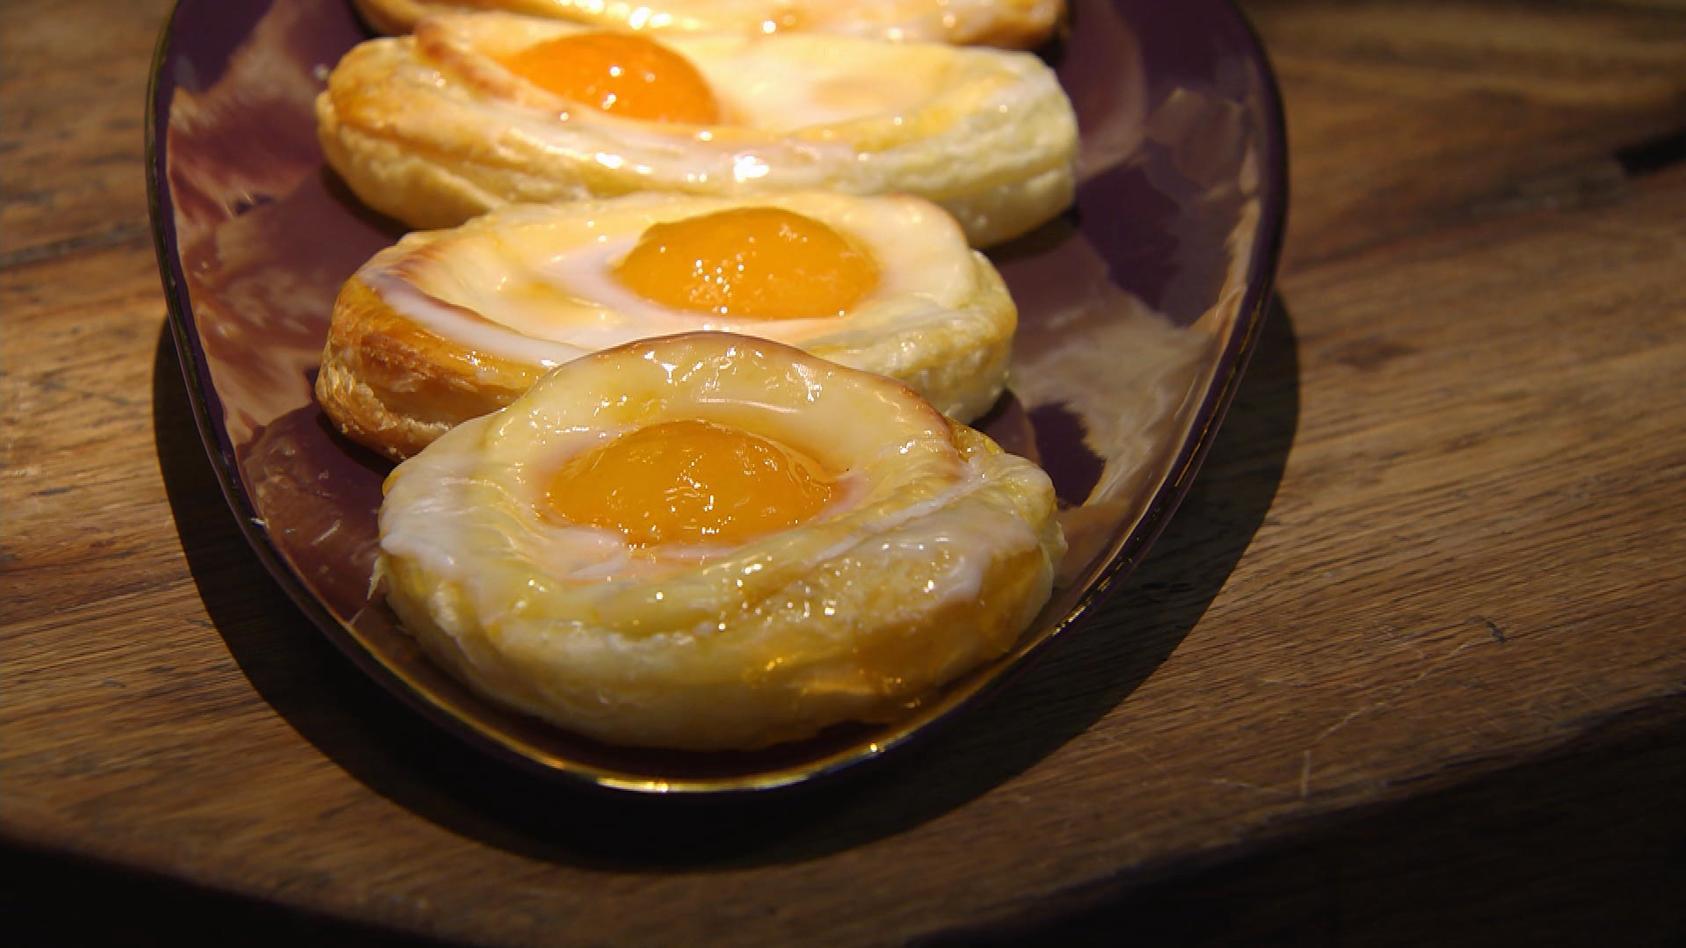 Feiertagsideen für ein buntes Ostermenü: Süße Blätterteig-Spiegeleier